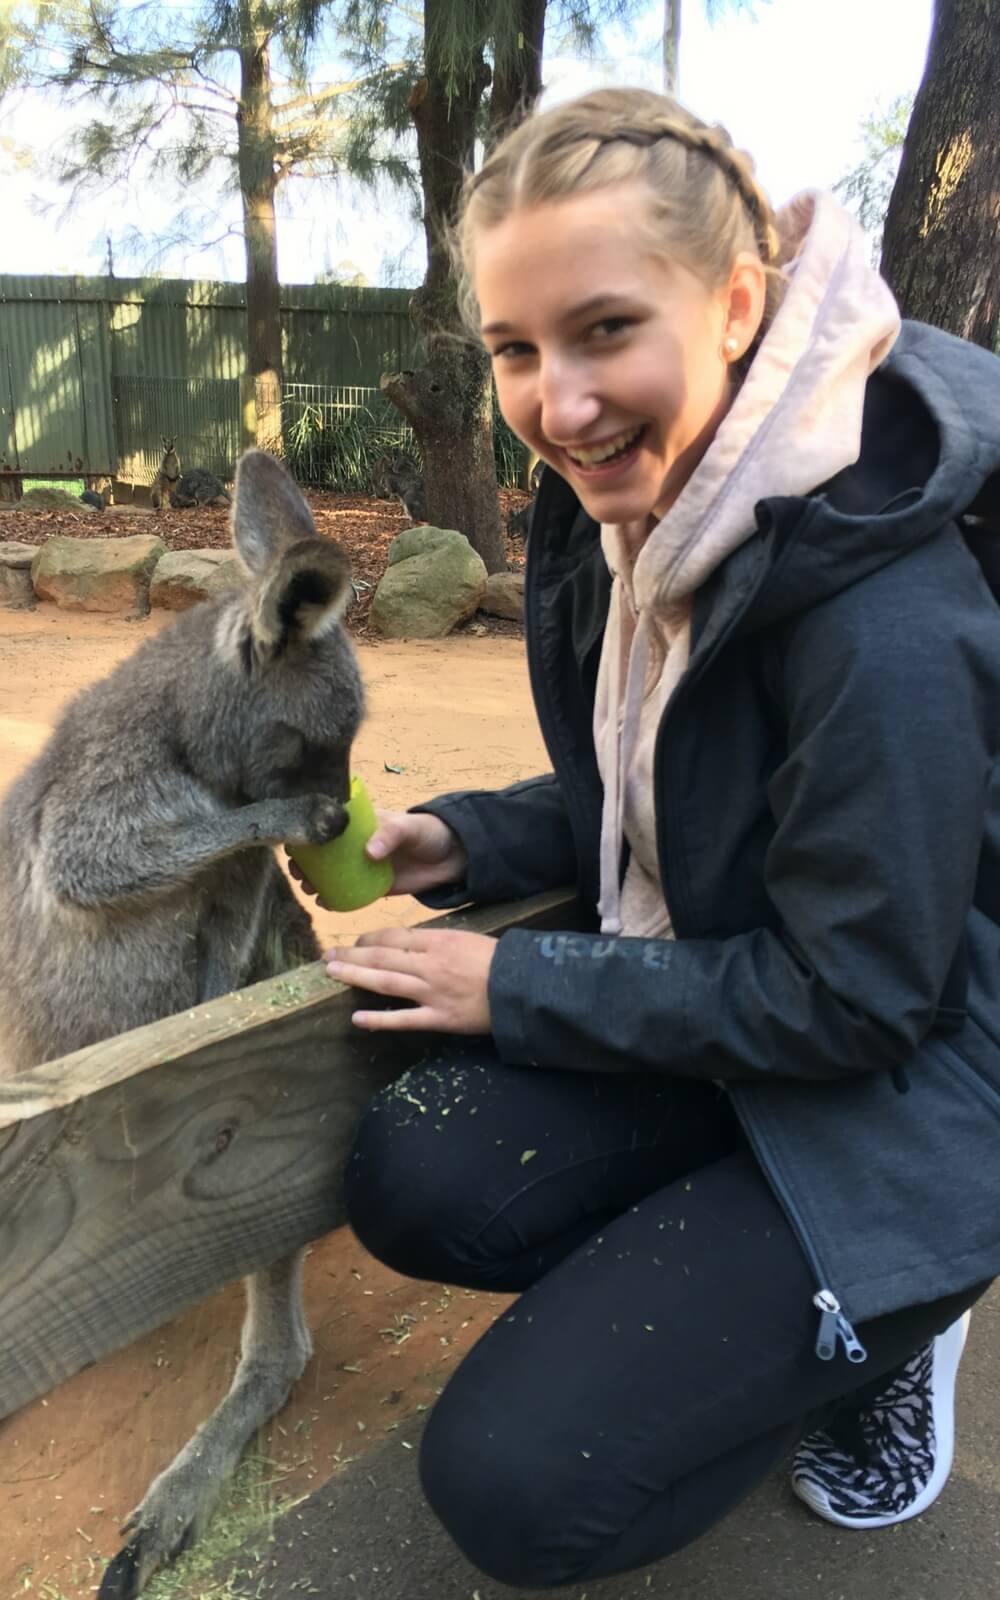 Känguru füttern